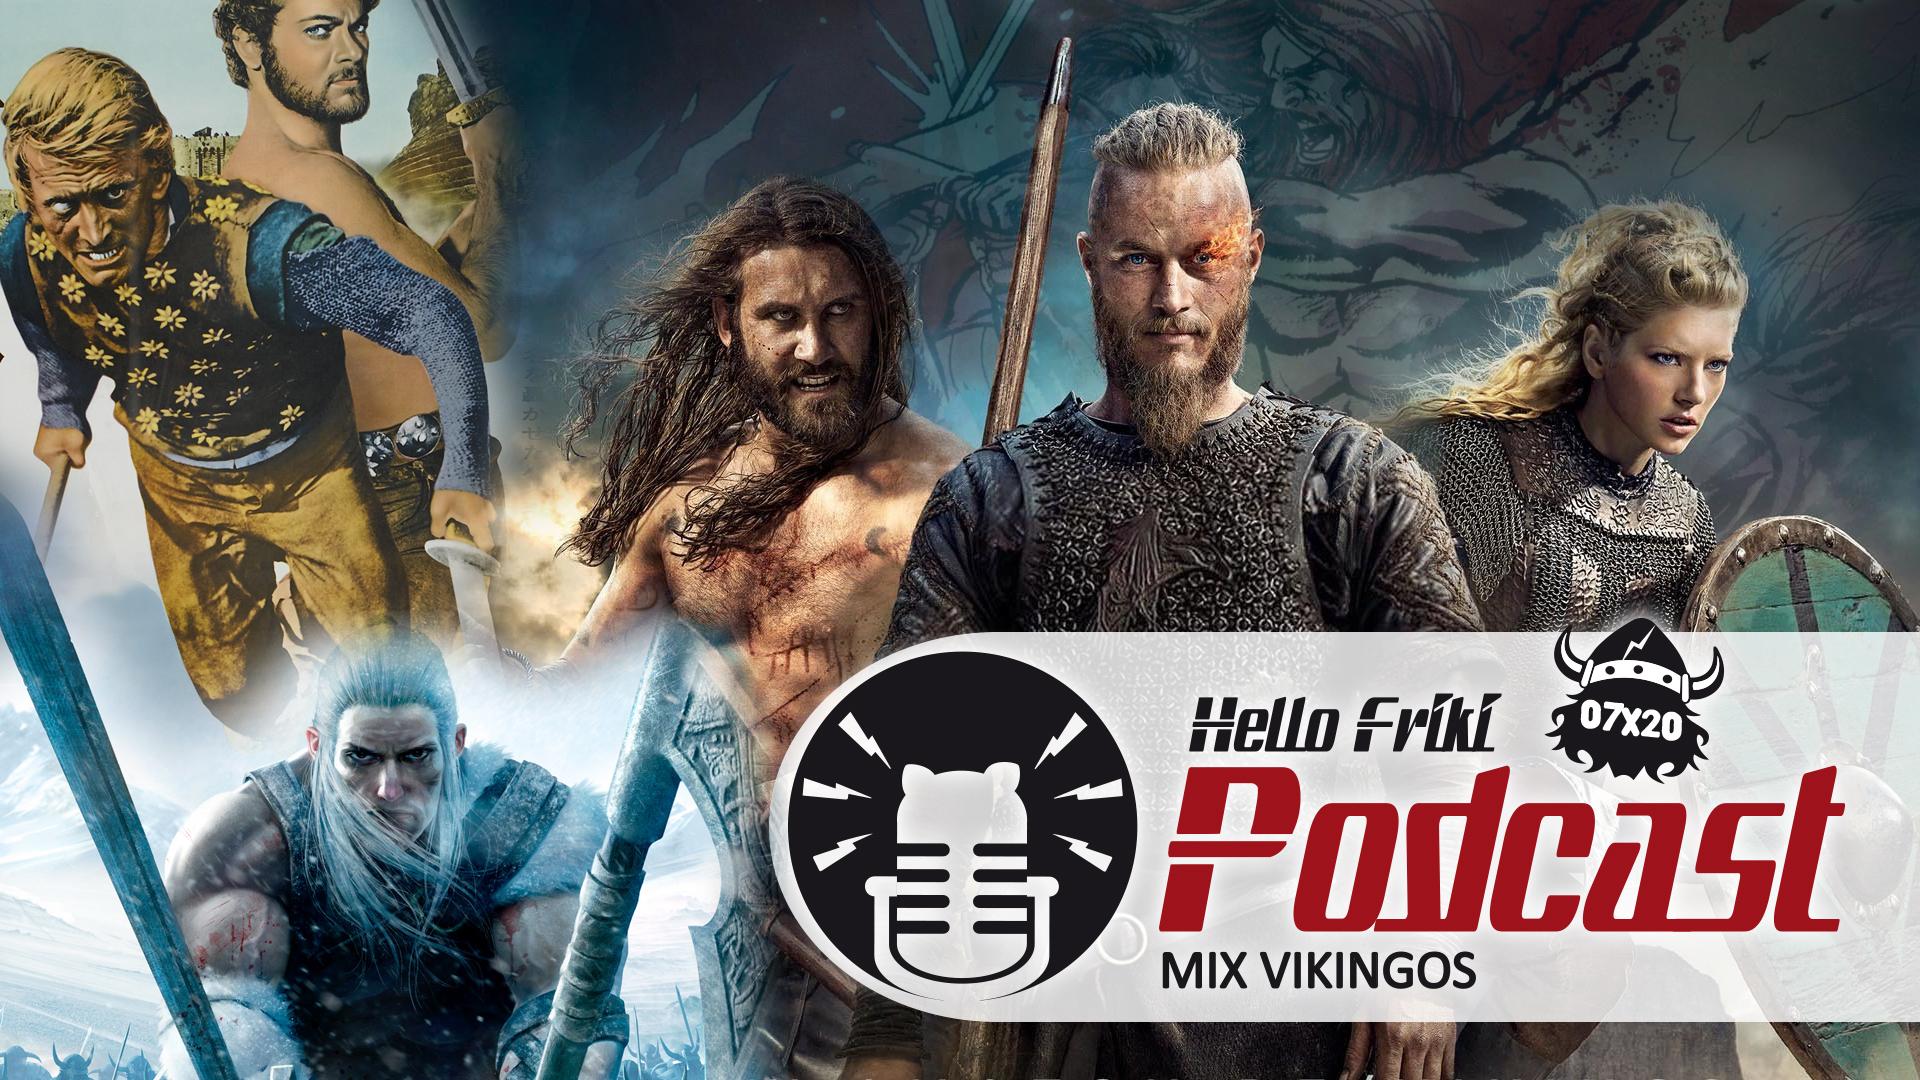 HF 7x20 Mix Vikingos: Vikings, La Sangre de las Valkirias...